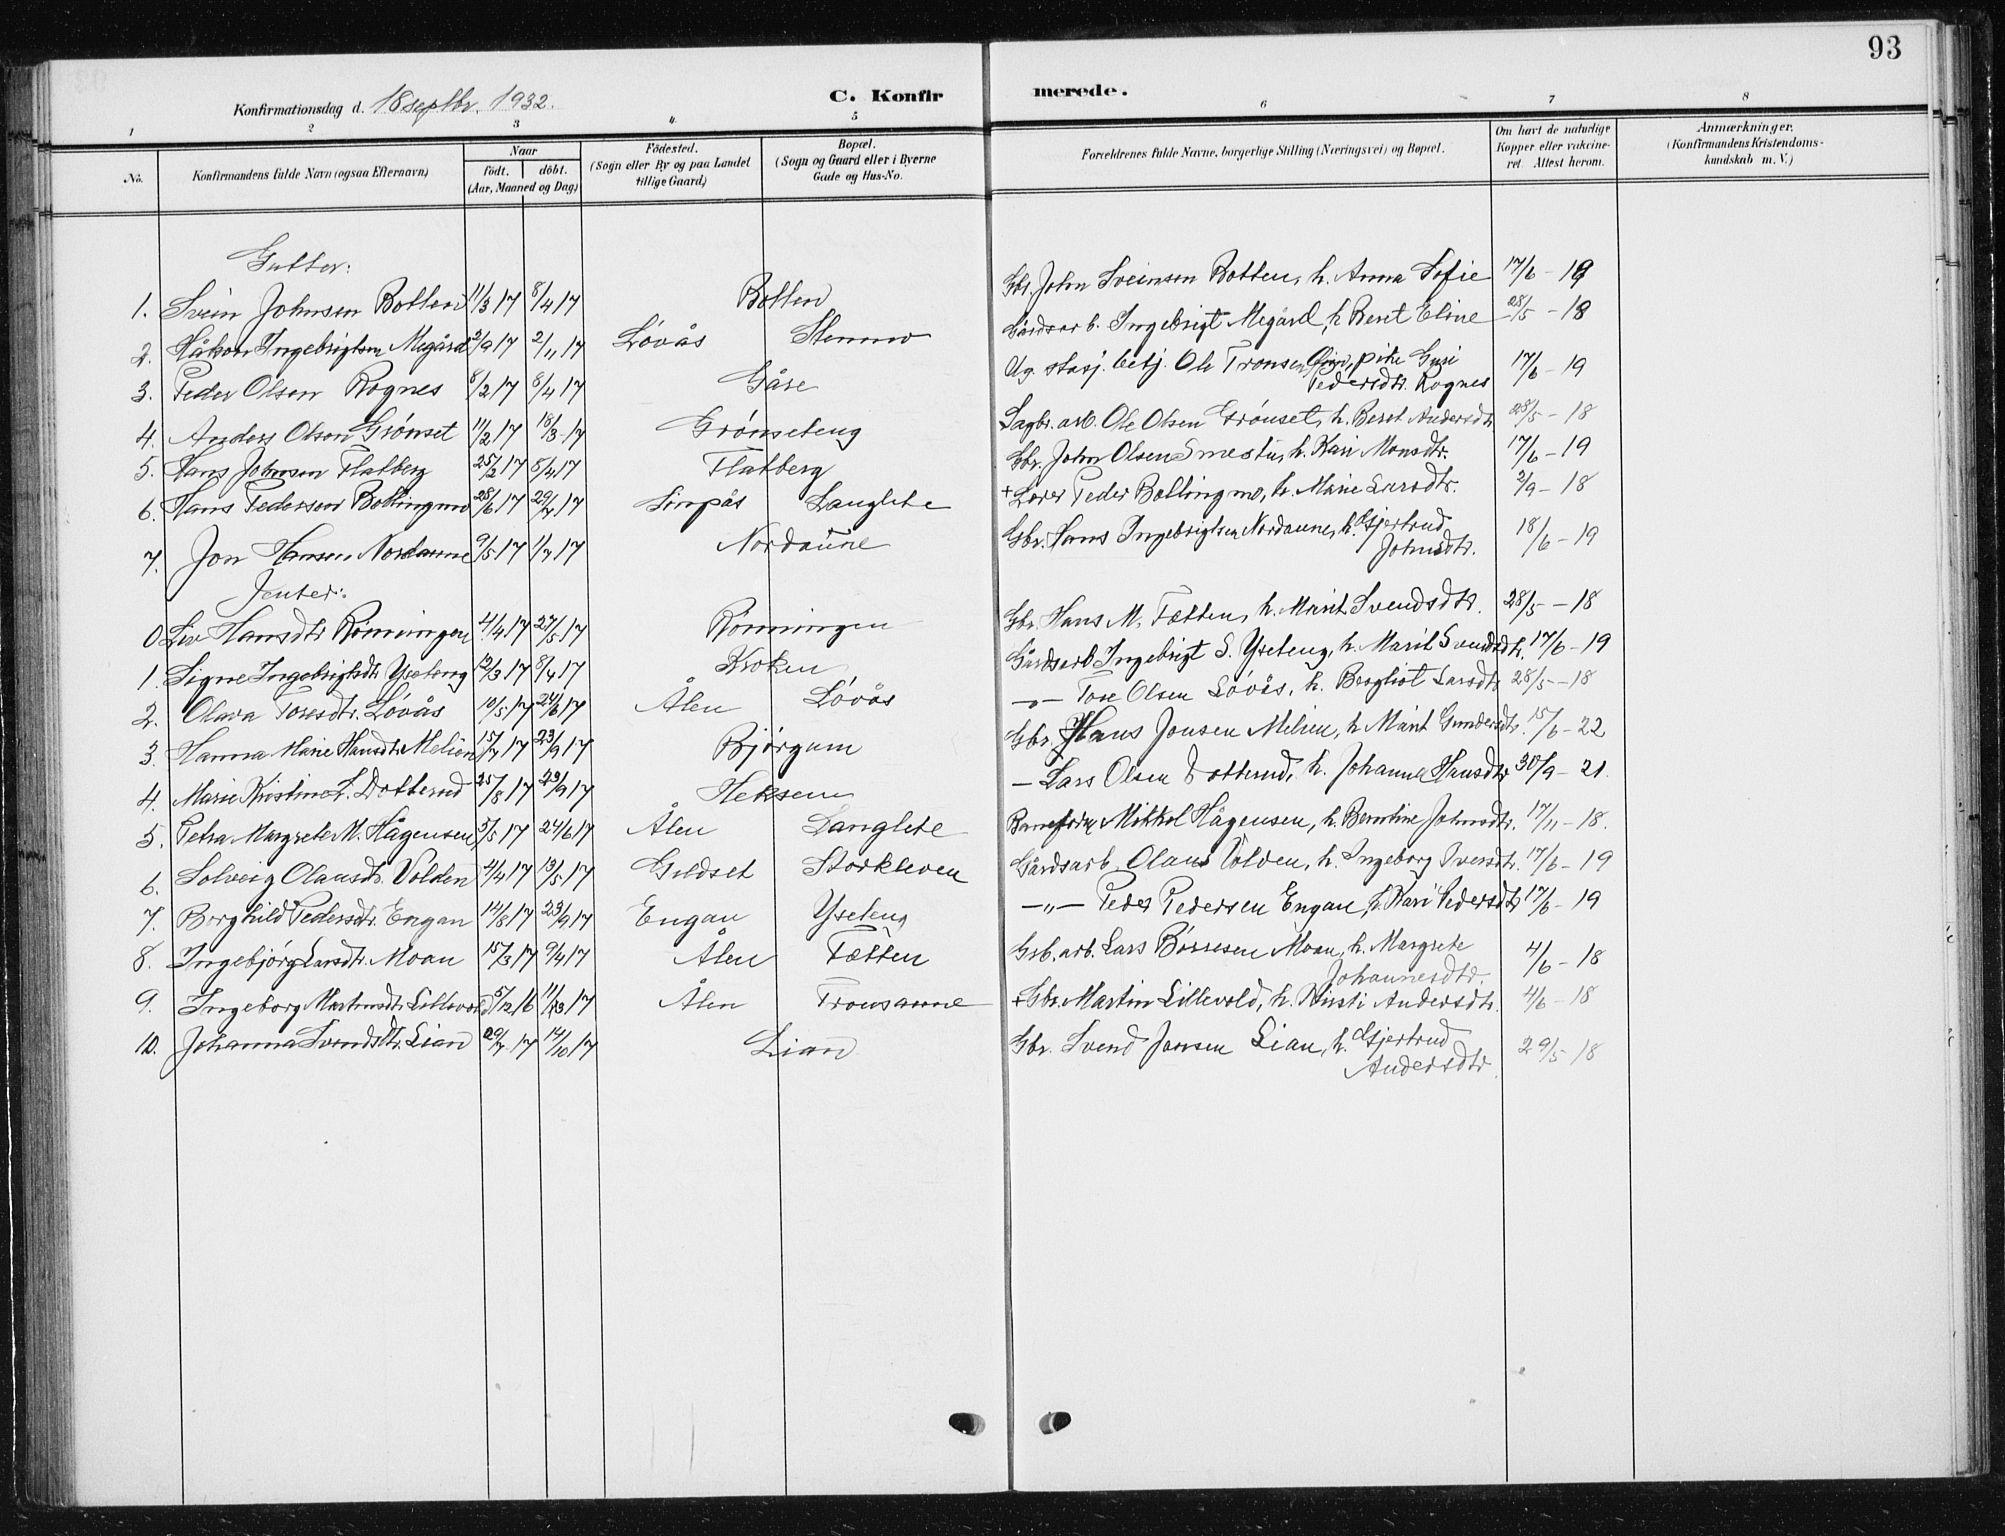 SAT, Ministerialprotokoller, klokkerbøker og fødselsregistre - Sør-Trøndelag, 685/L0979: Klokkerbok nr. 685C04, 1908-1933, s. 93